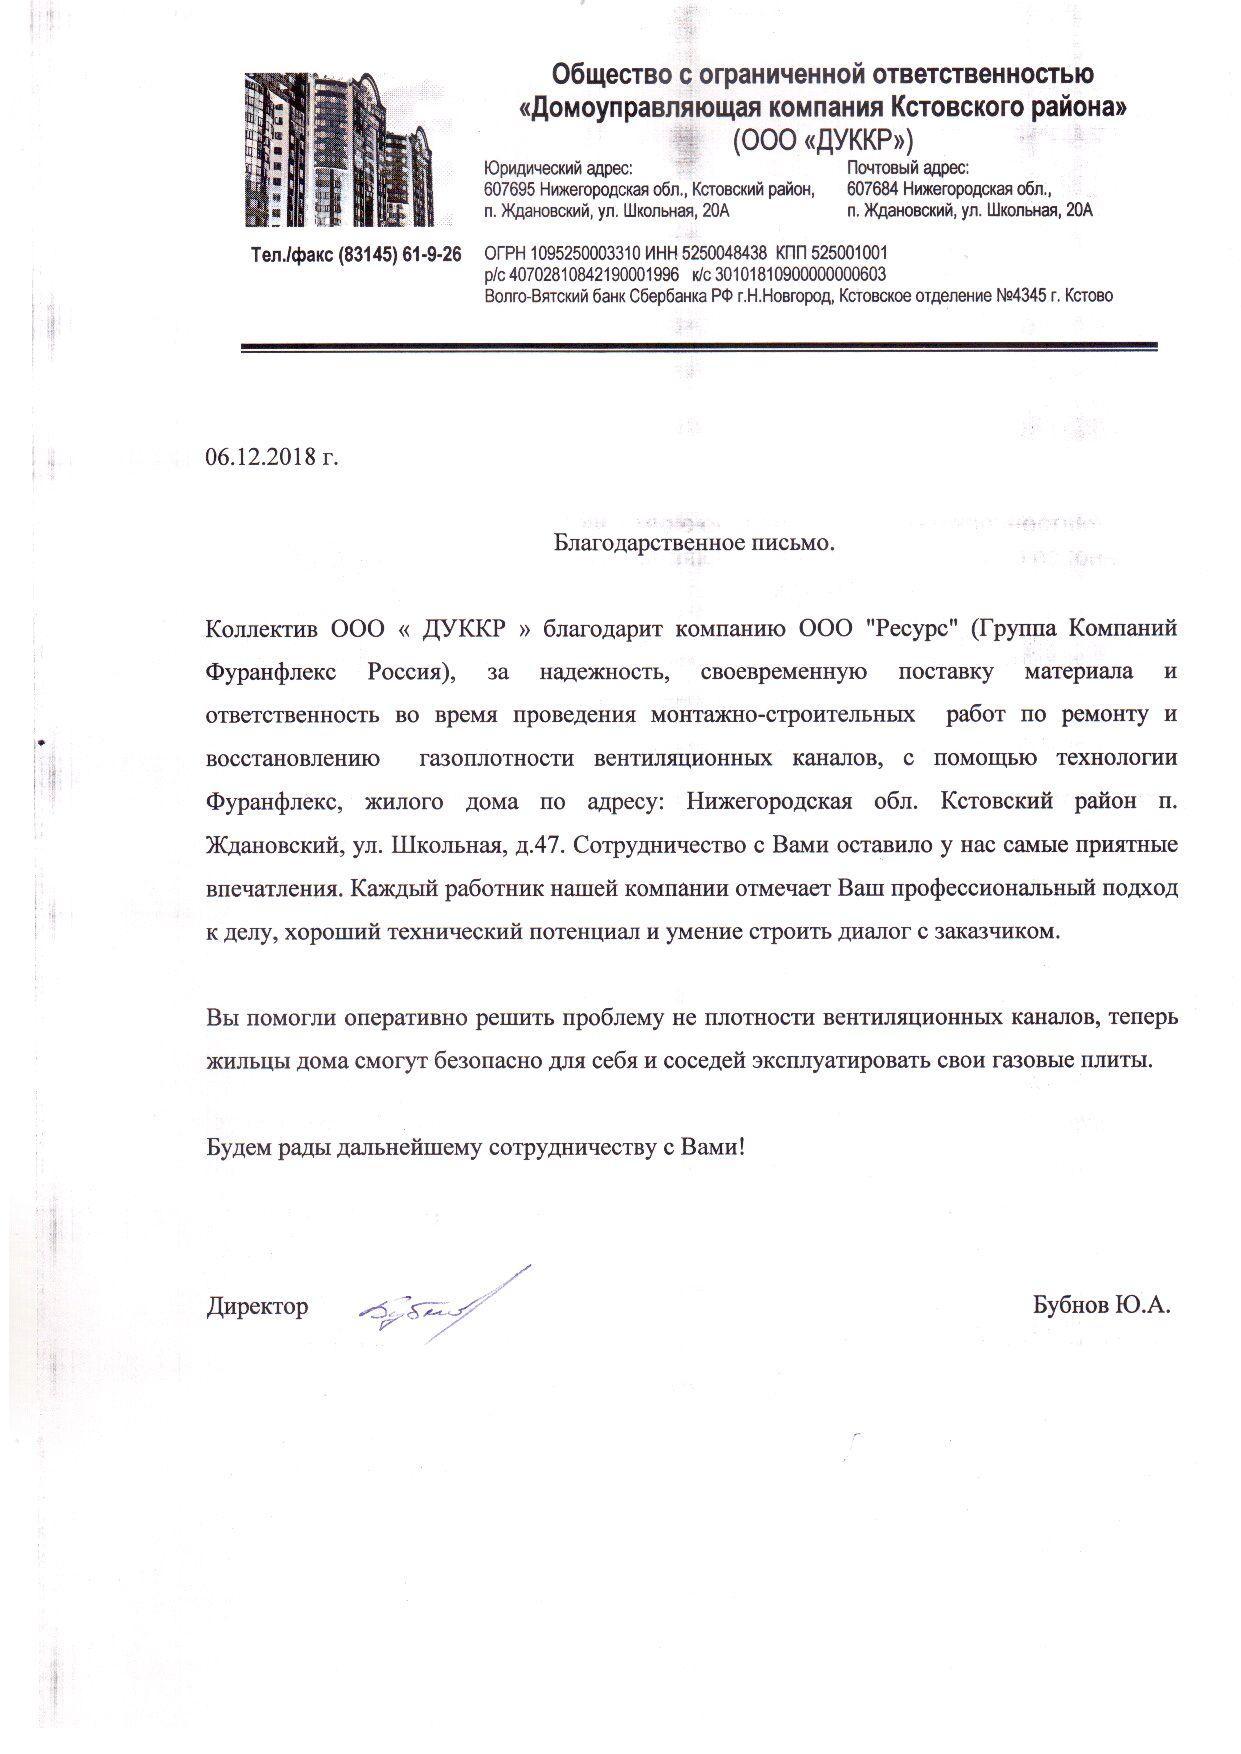 Домоуправляющая компания Кстовского района